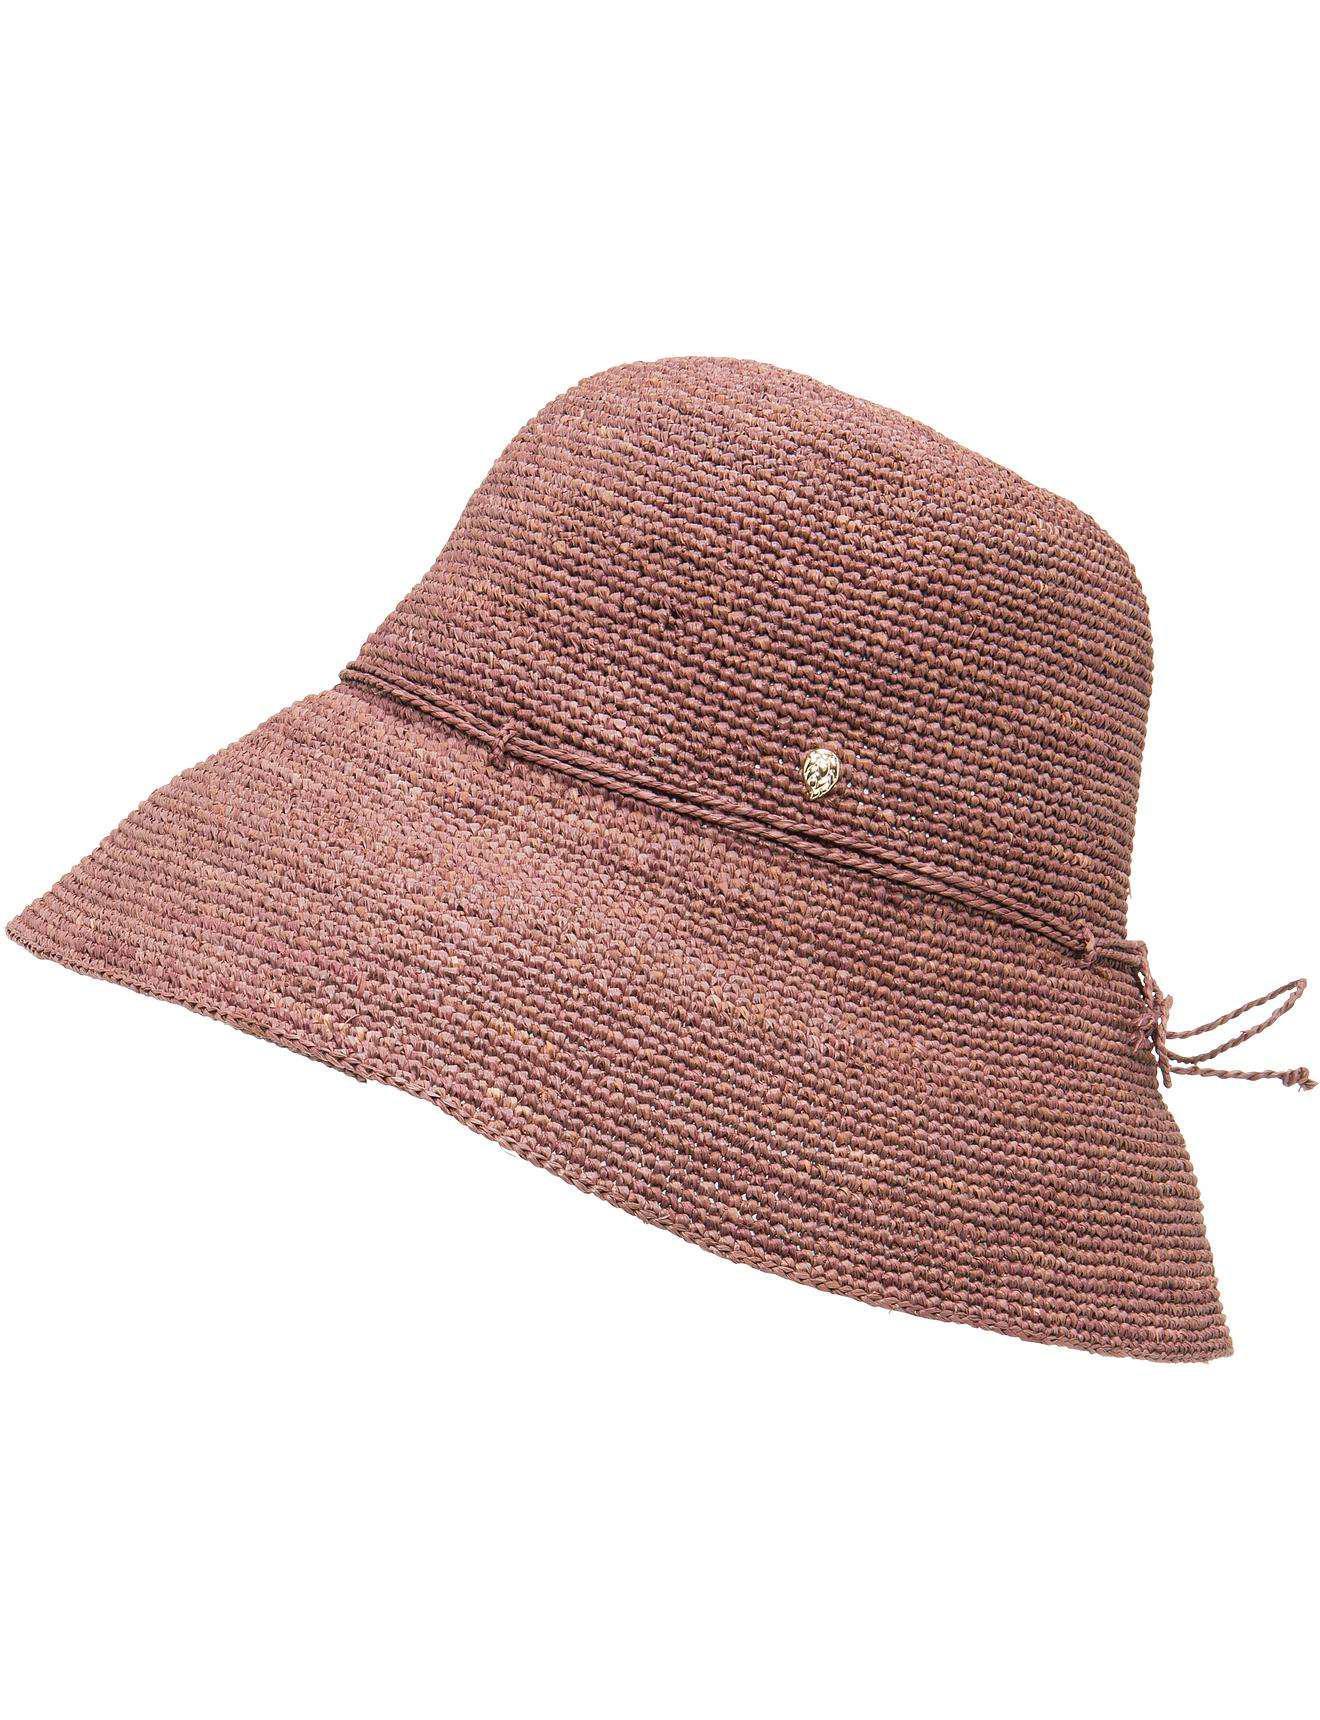 06c5b0fe2f4e0 Helen Kaminski Yr Rollable Raffia Crochet - Lyst